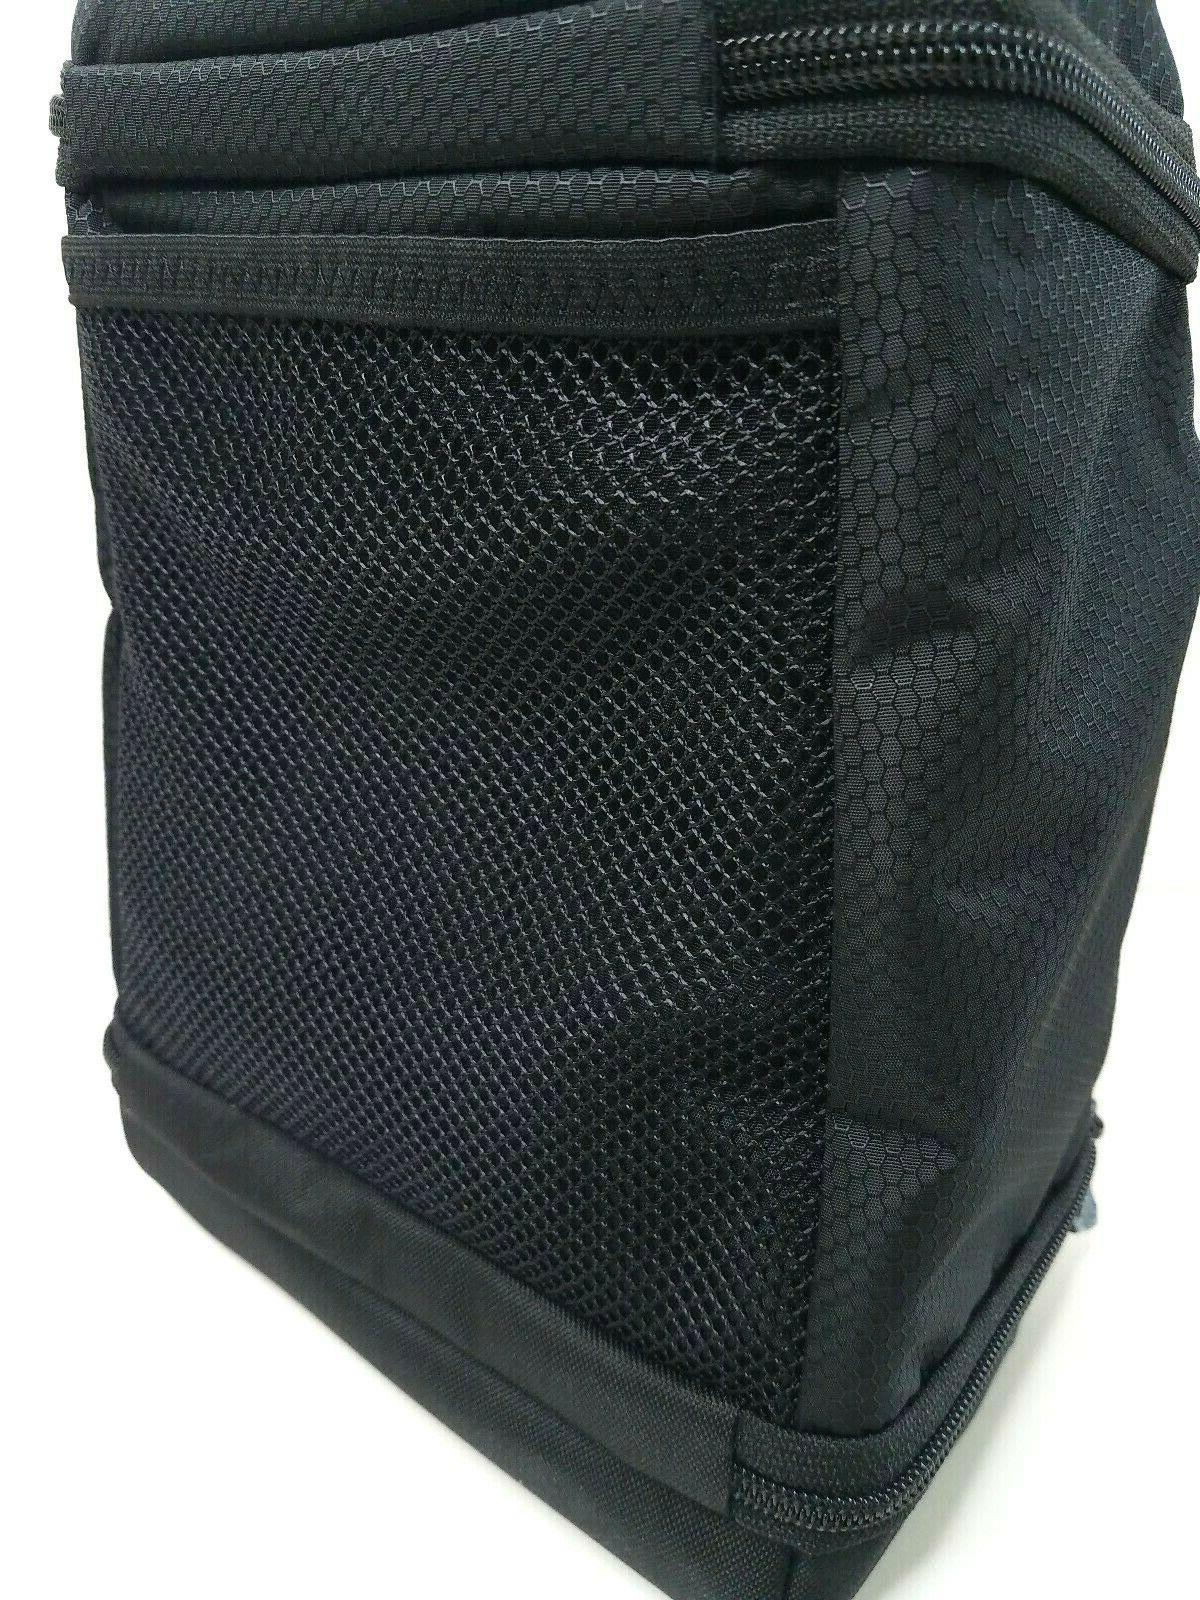 NWT Adidas Lunch Bag Lunch School -Ships Free